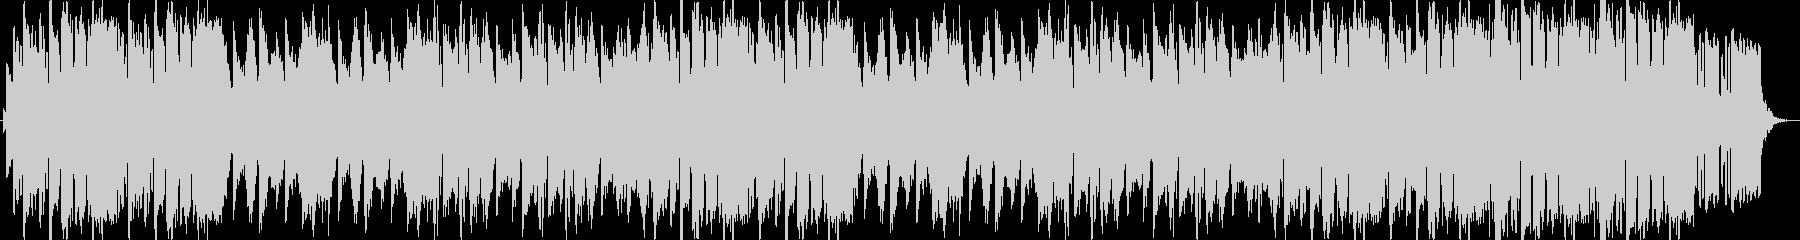 アコーディオンによる懐かしい雰囲気の曲の未再生の波形